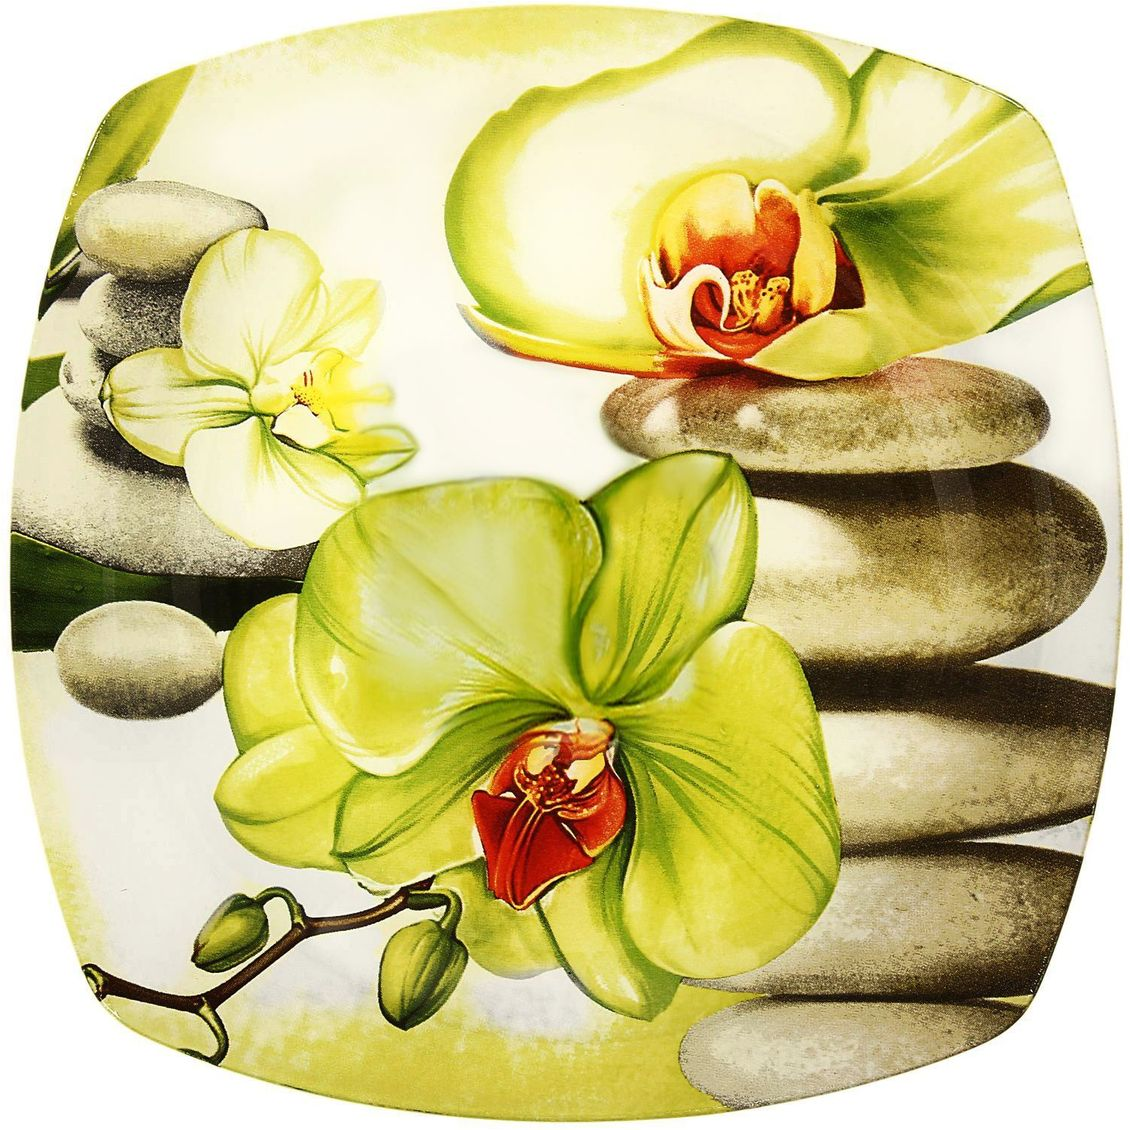 Тарелка десертная Доляна Зеленая орхидея, диаметр 20 см230519Тарелка Доляна с природными мотивами в оформлении разнообразит интерьер кухни и сделает застолье самобытным и запоминающимся. Качественное стекло не впитывает запахов, гладкая поверхность обеспечивает легкость мытья.Рекомендуется избегать использования абразивных моющих средств.Делайте любимый дом уютнее!